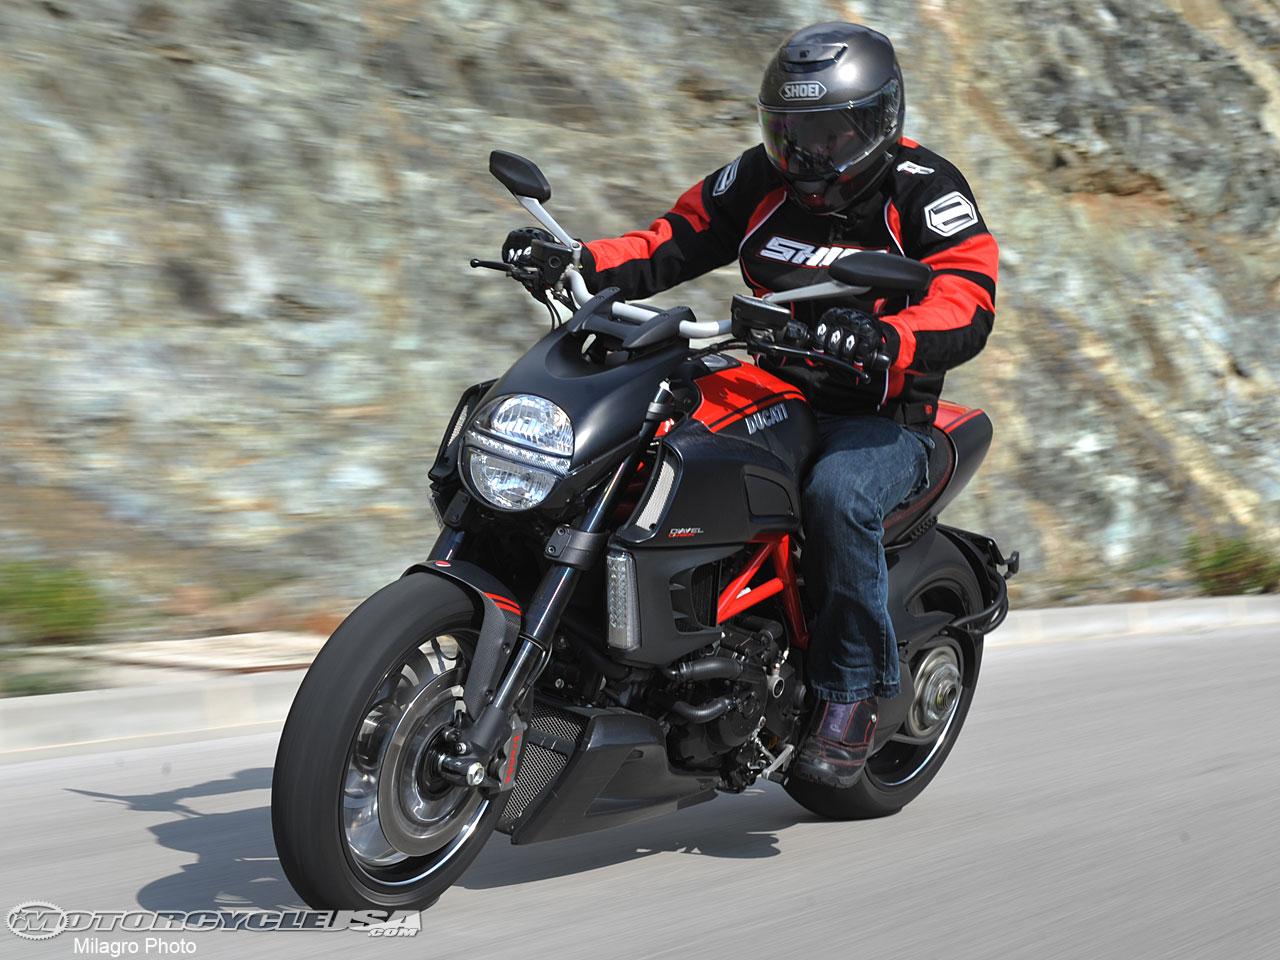 【杜卡迪diavel Carbon摩托车图片】杜卡迪摩托车图片大全 机车网